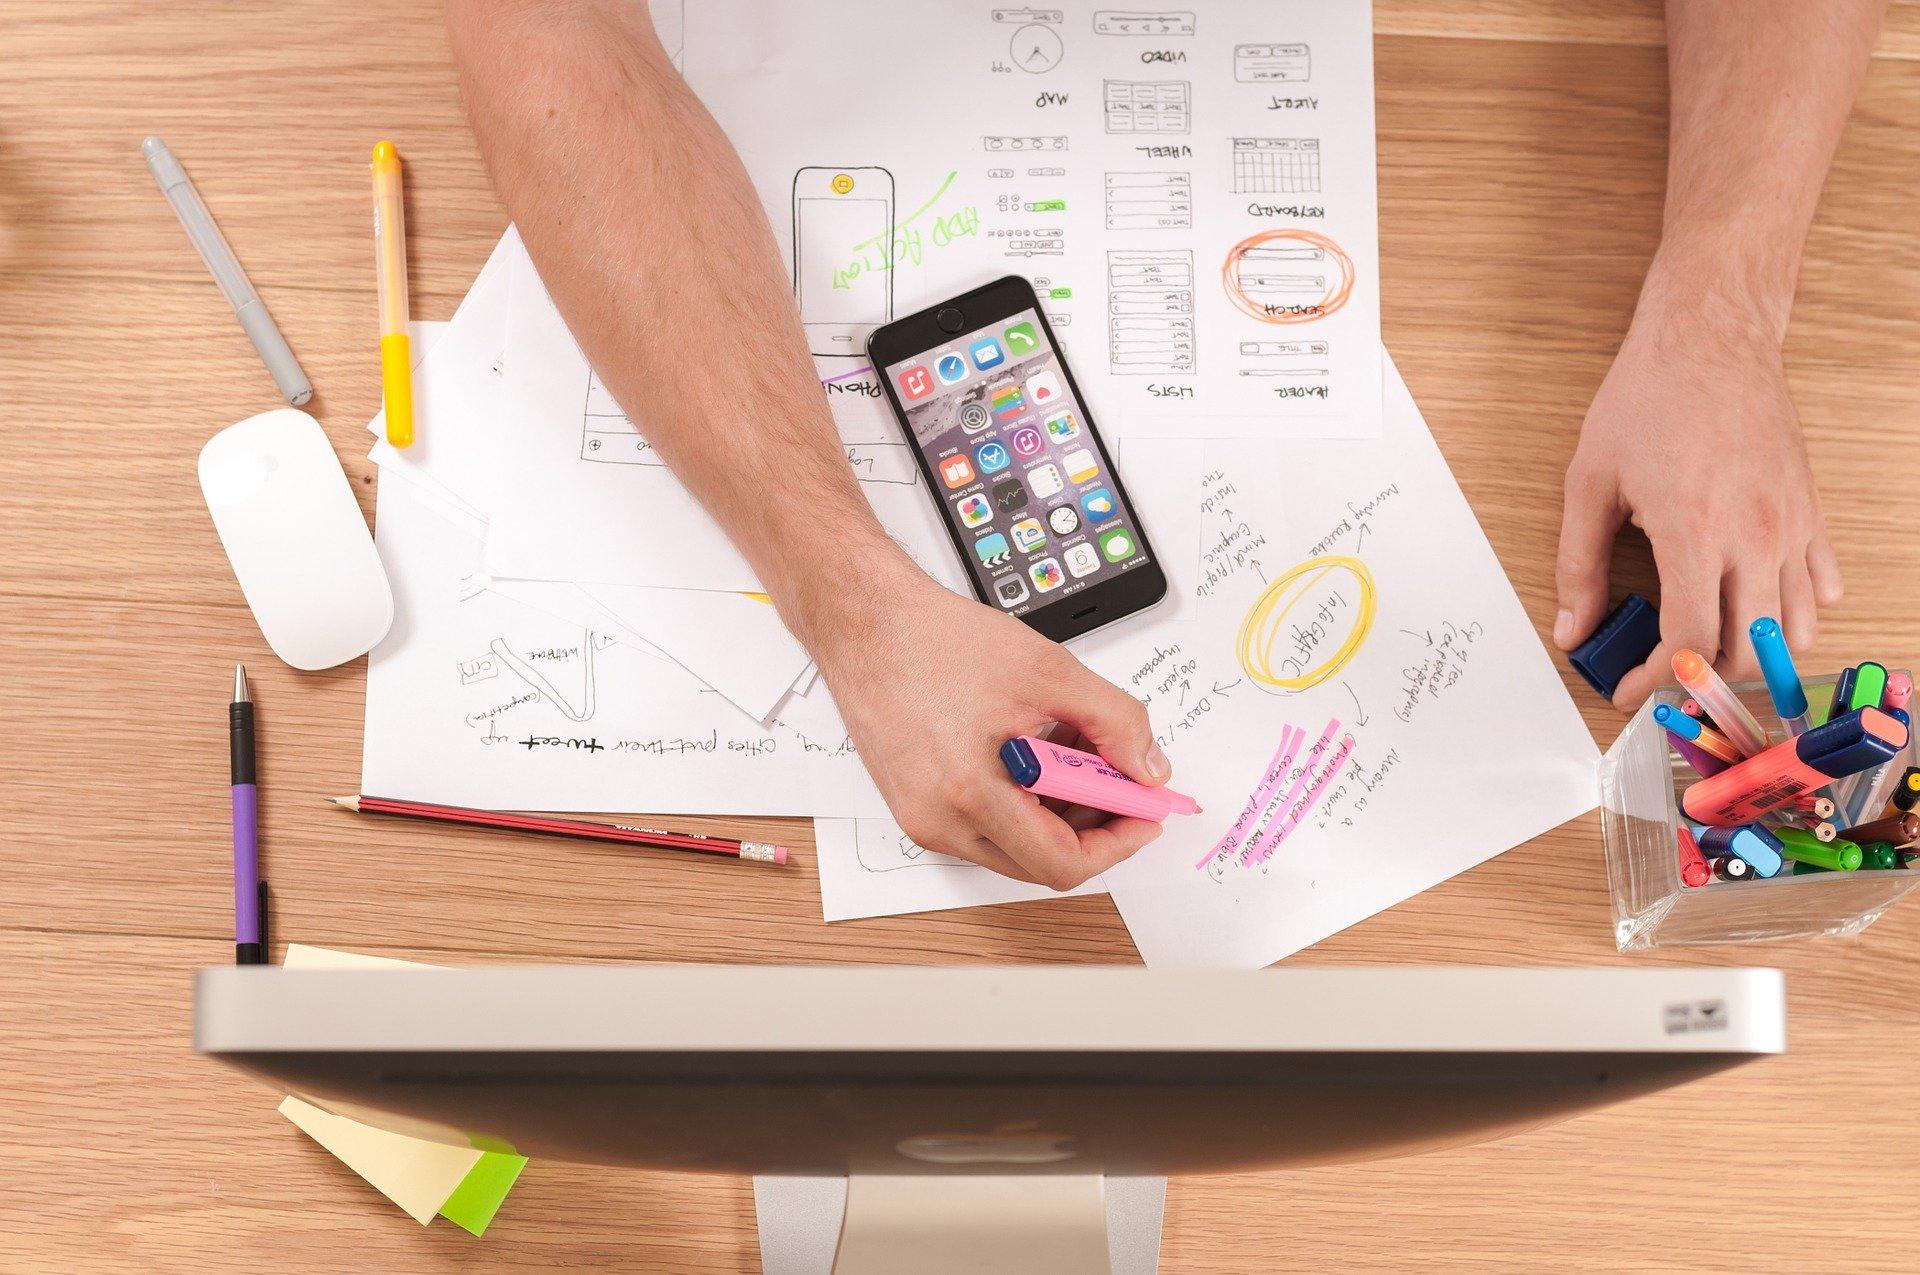 Webdesign Inkasso Haftung Zeichnung bunte Stifte Iphone